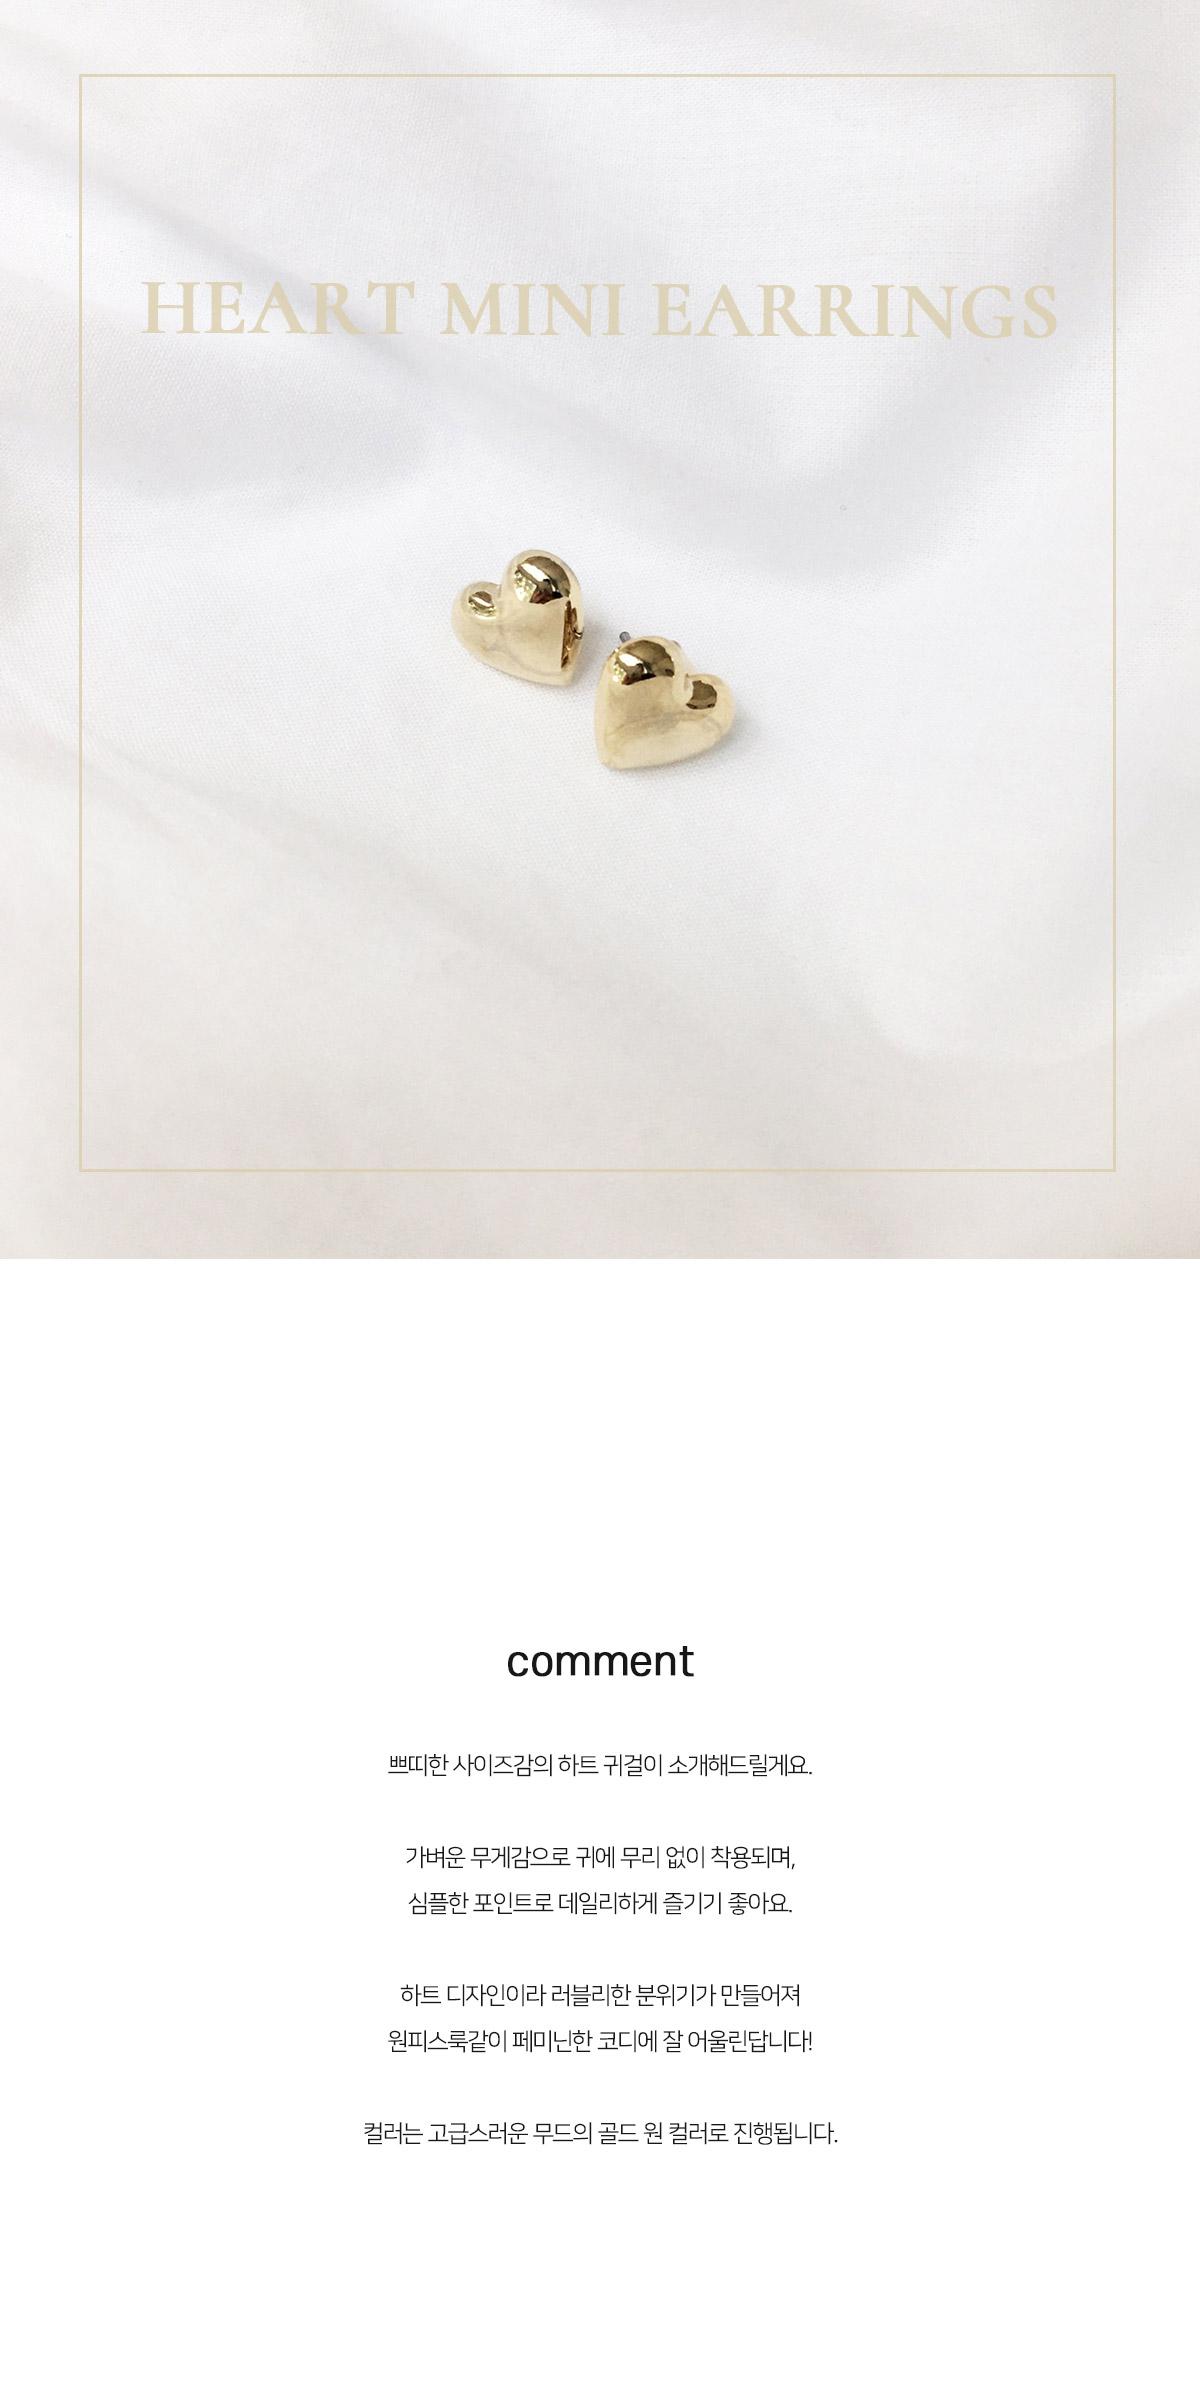 Heart mini earrings